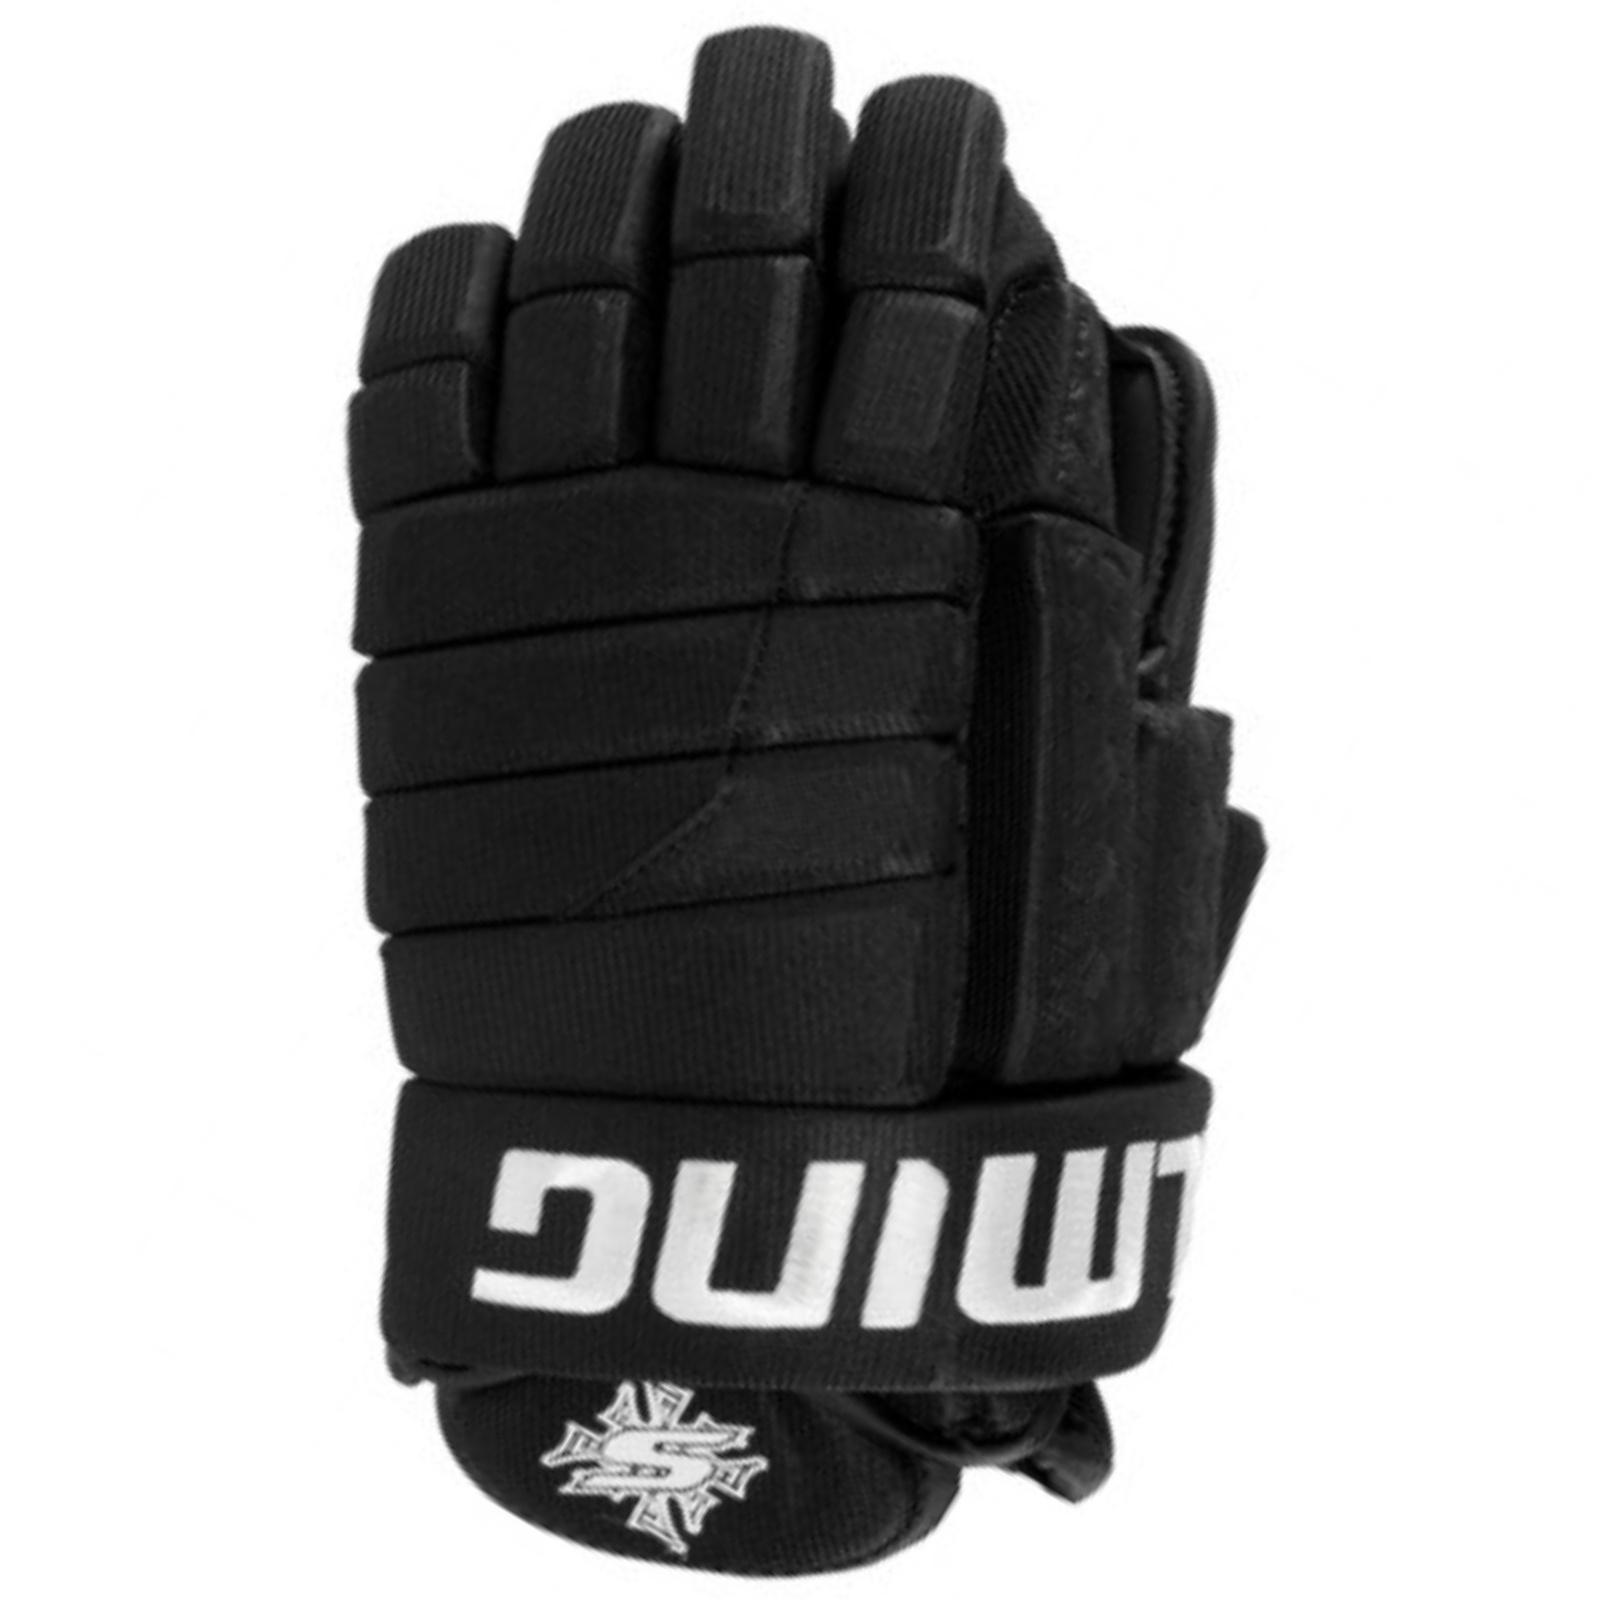 Hokejové rukavice SALMING Glove M11 - černé vel. 13''